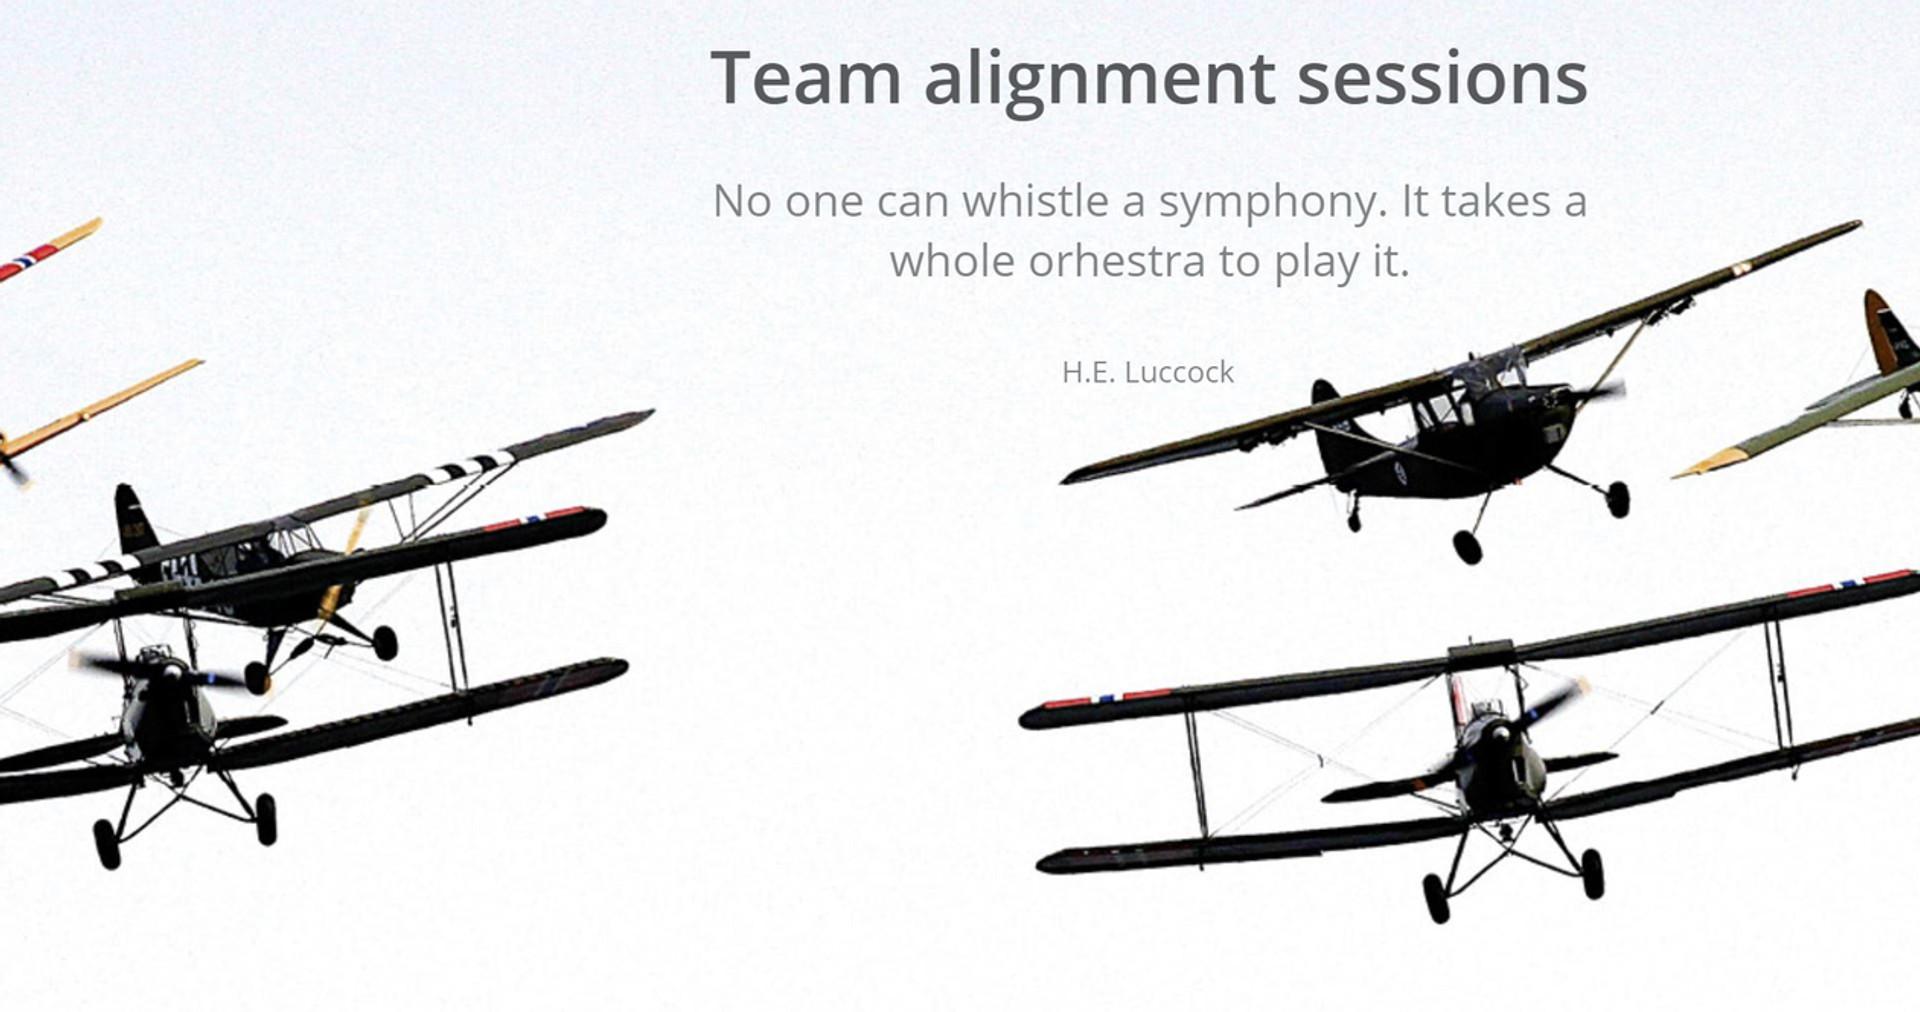 Team alignment